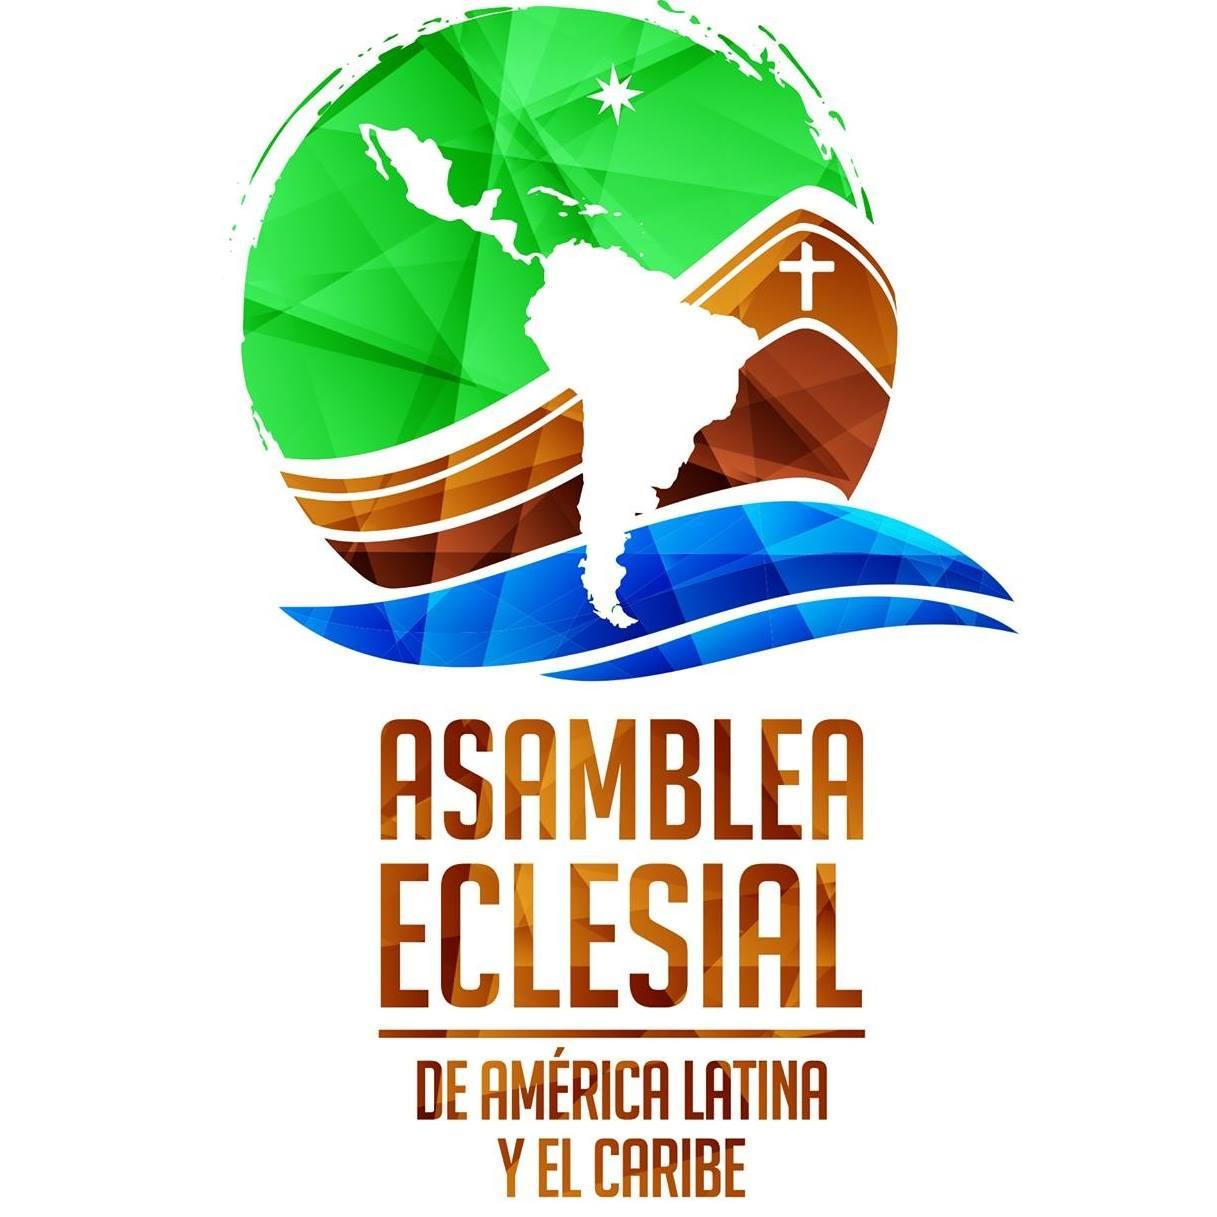 Video: Monseñor Pedro nos invita a participar de la Asamblea Eclesial